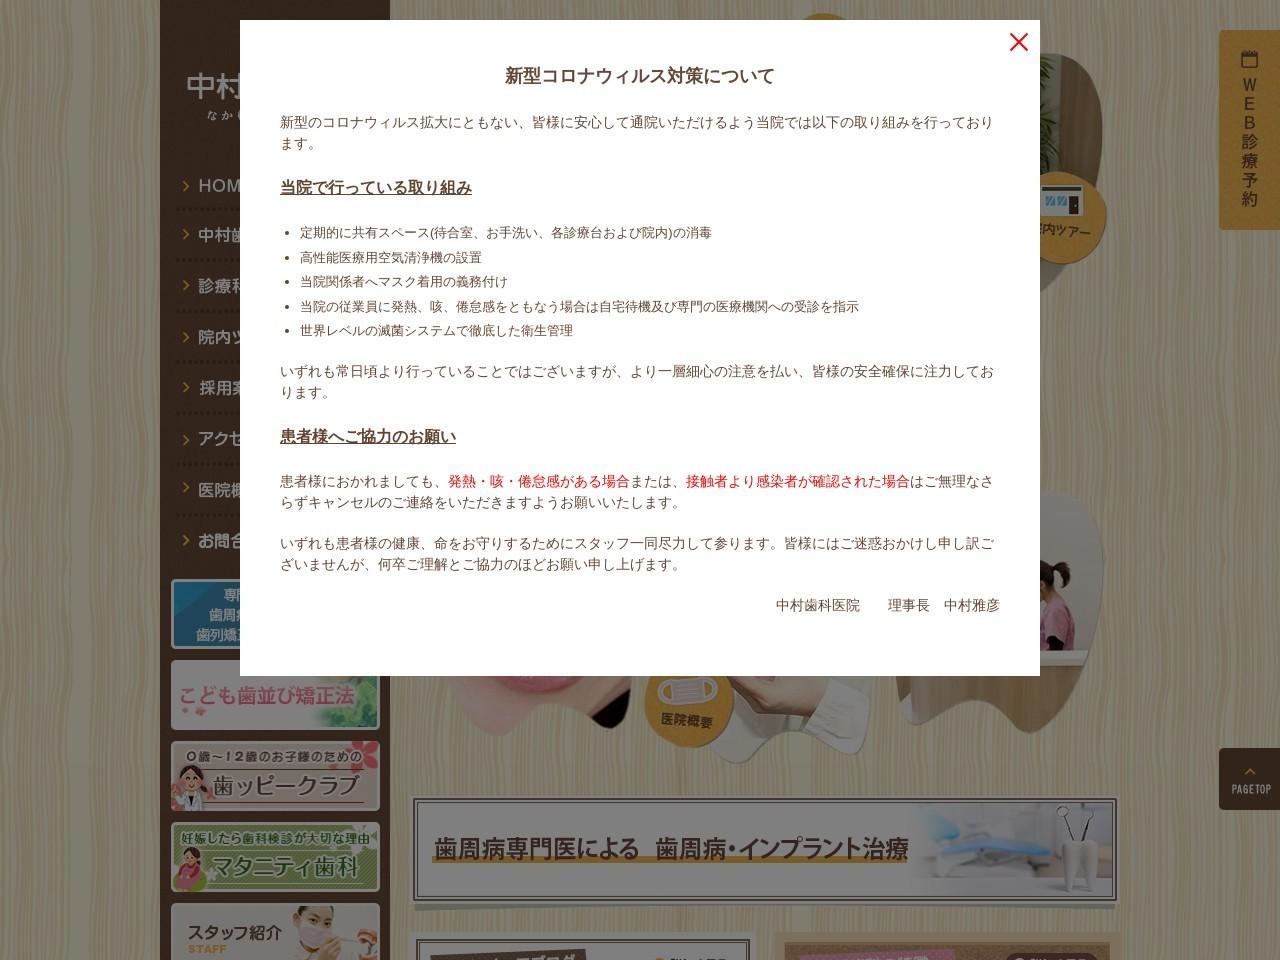 医療法人 聖医会  中村歯科医院 (京都府宇治市)